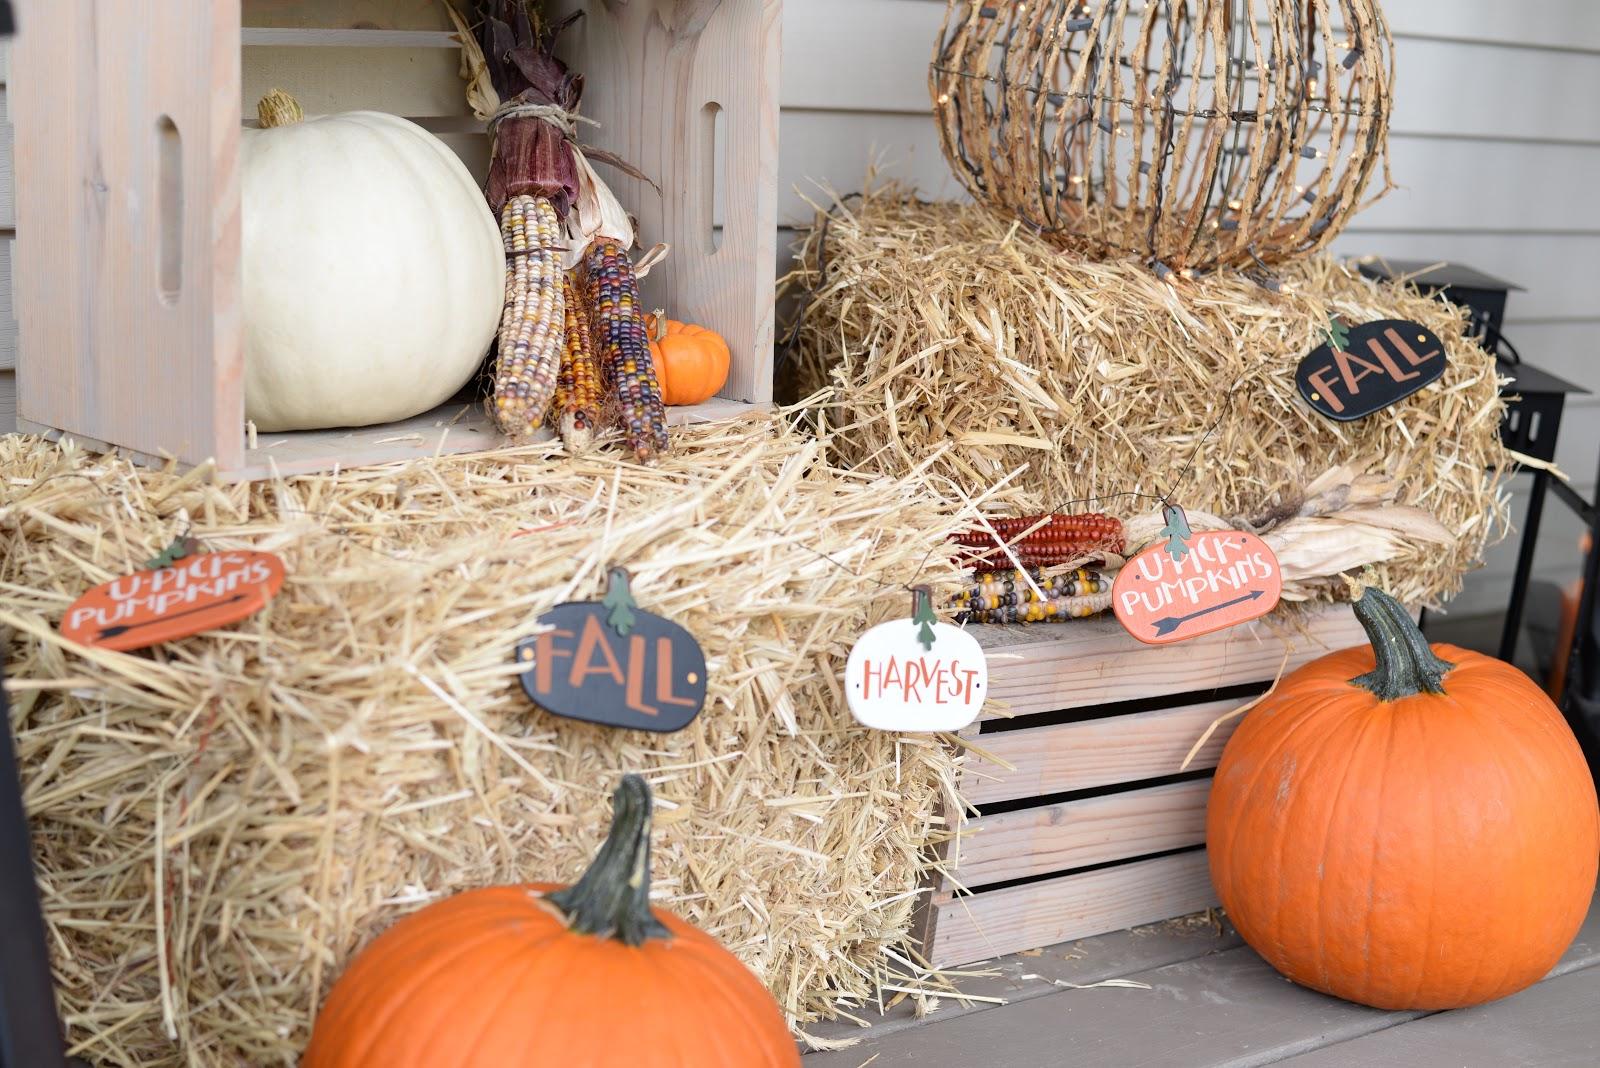 Classic Fall porch vignette